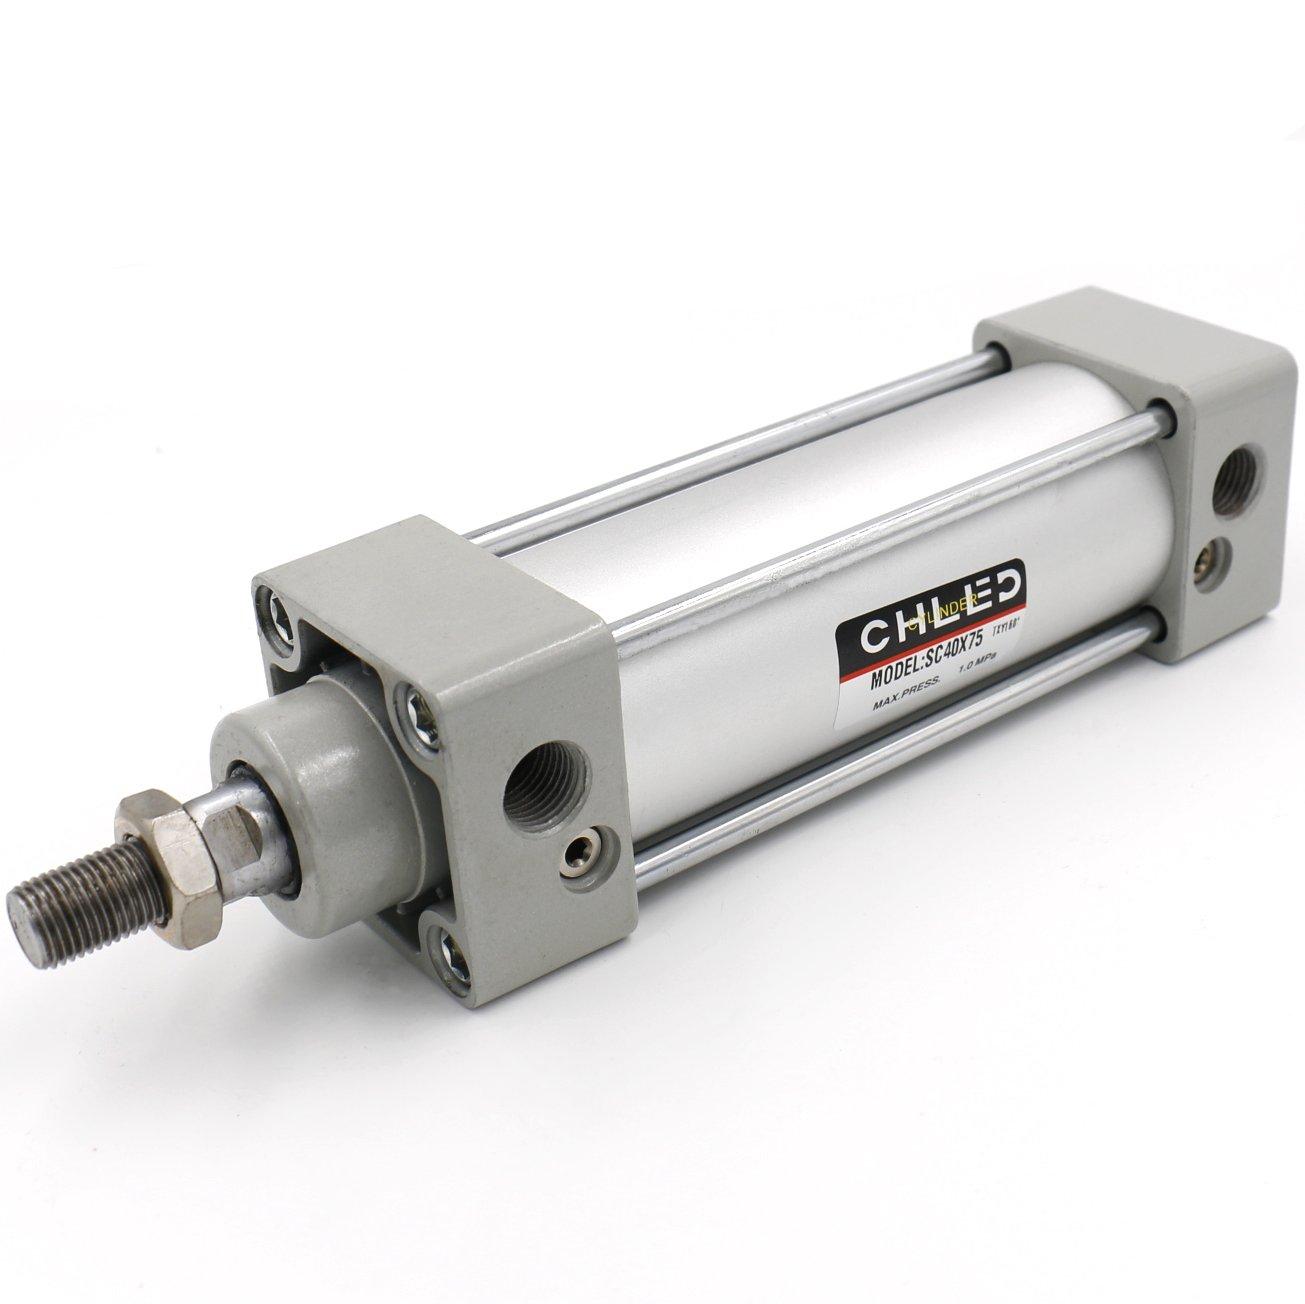 Heschen pneumatico standard cilindro SC 40–75PT1/4porte 40mm di diametro 75mm di corsa doppio, CHLED Pneumatic